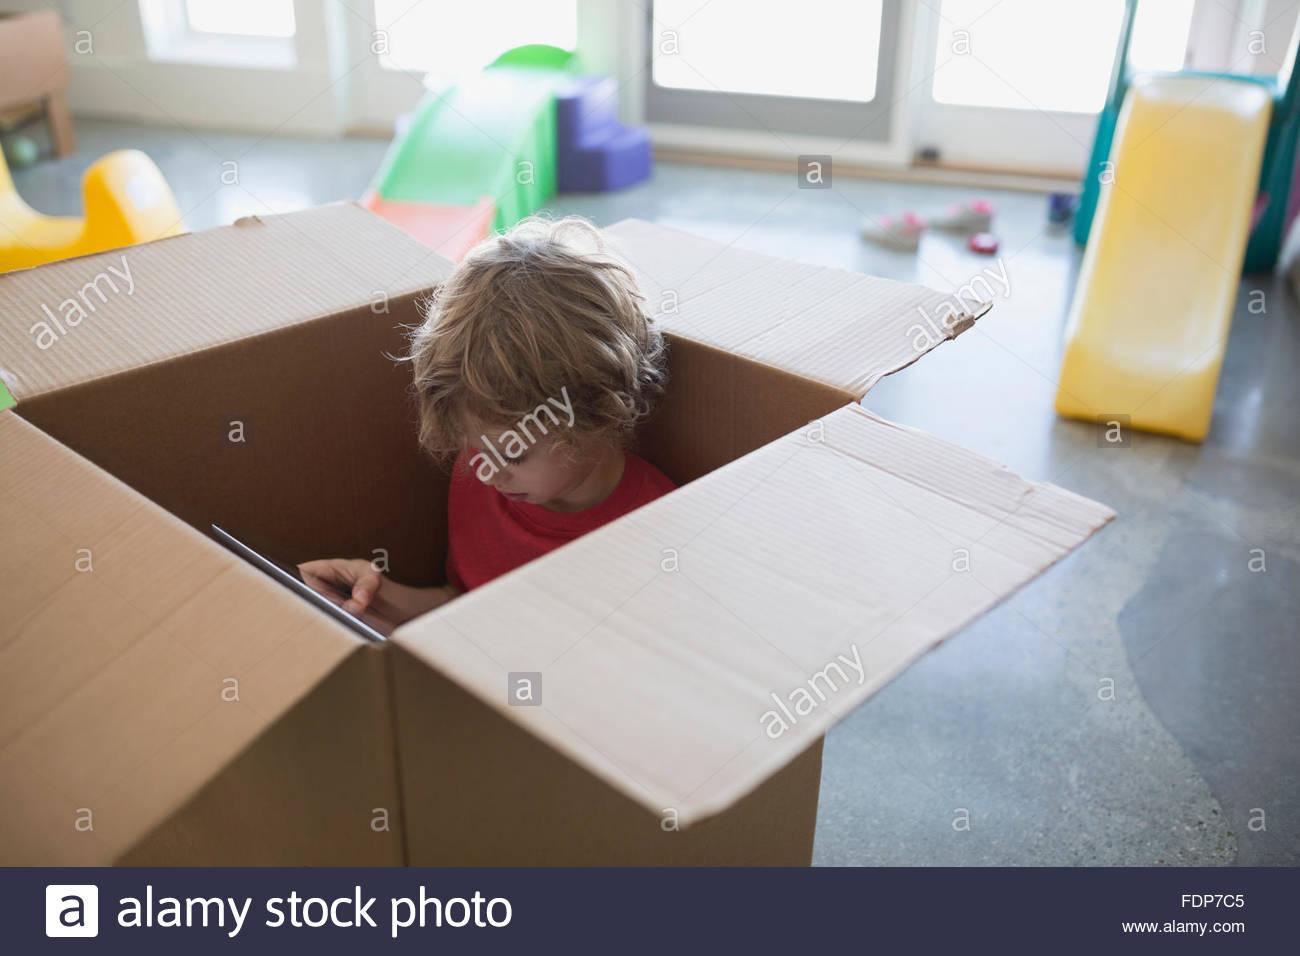 Boy utilizando tablet digital dentro de la caja de cartón Imagen De Stock